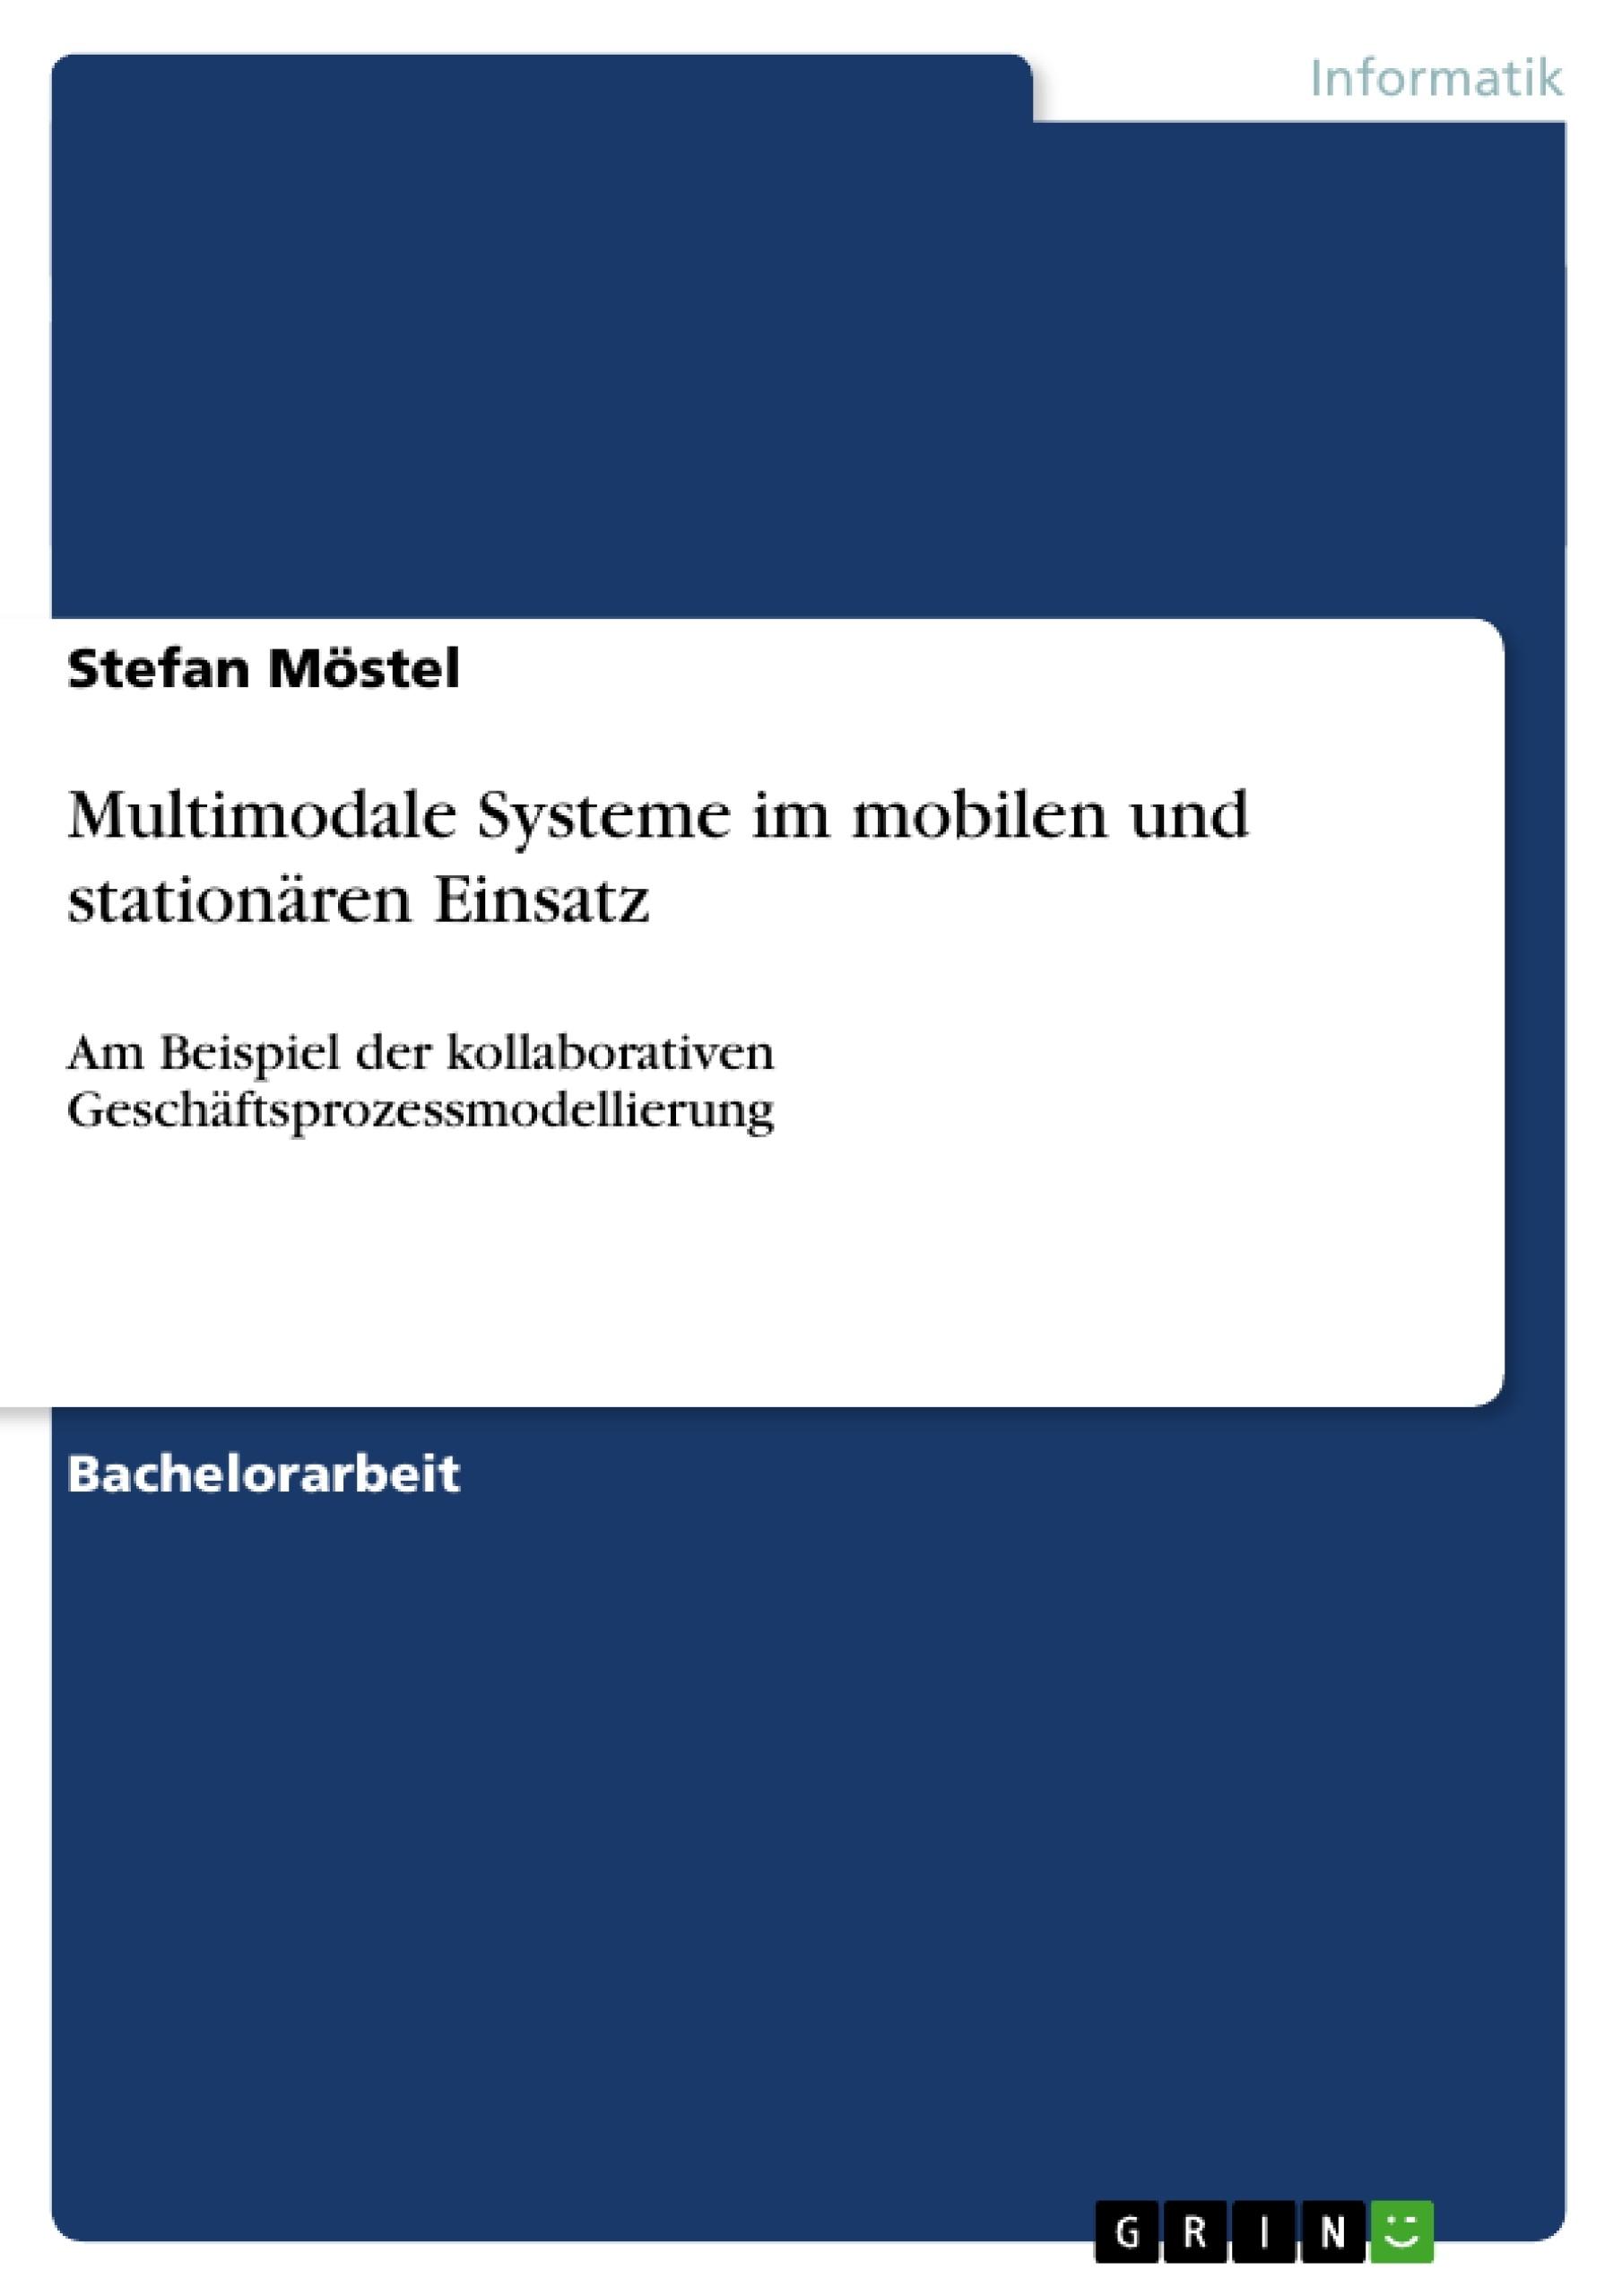 Titel: Multimodale Systeme im mobilen und stationären Einsatz